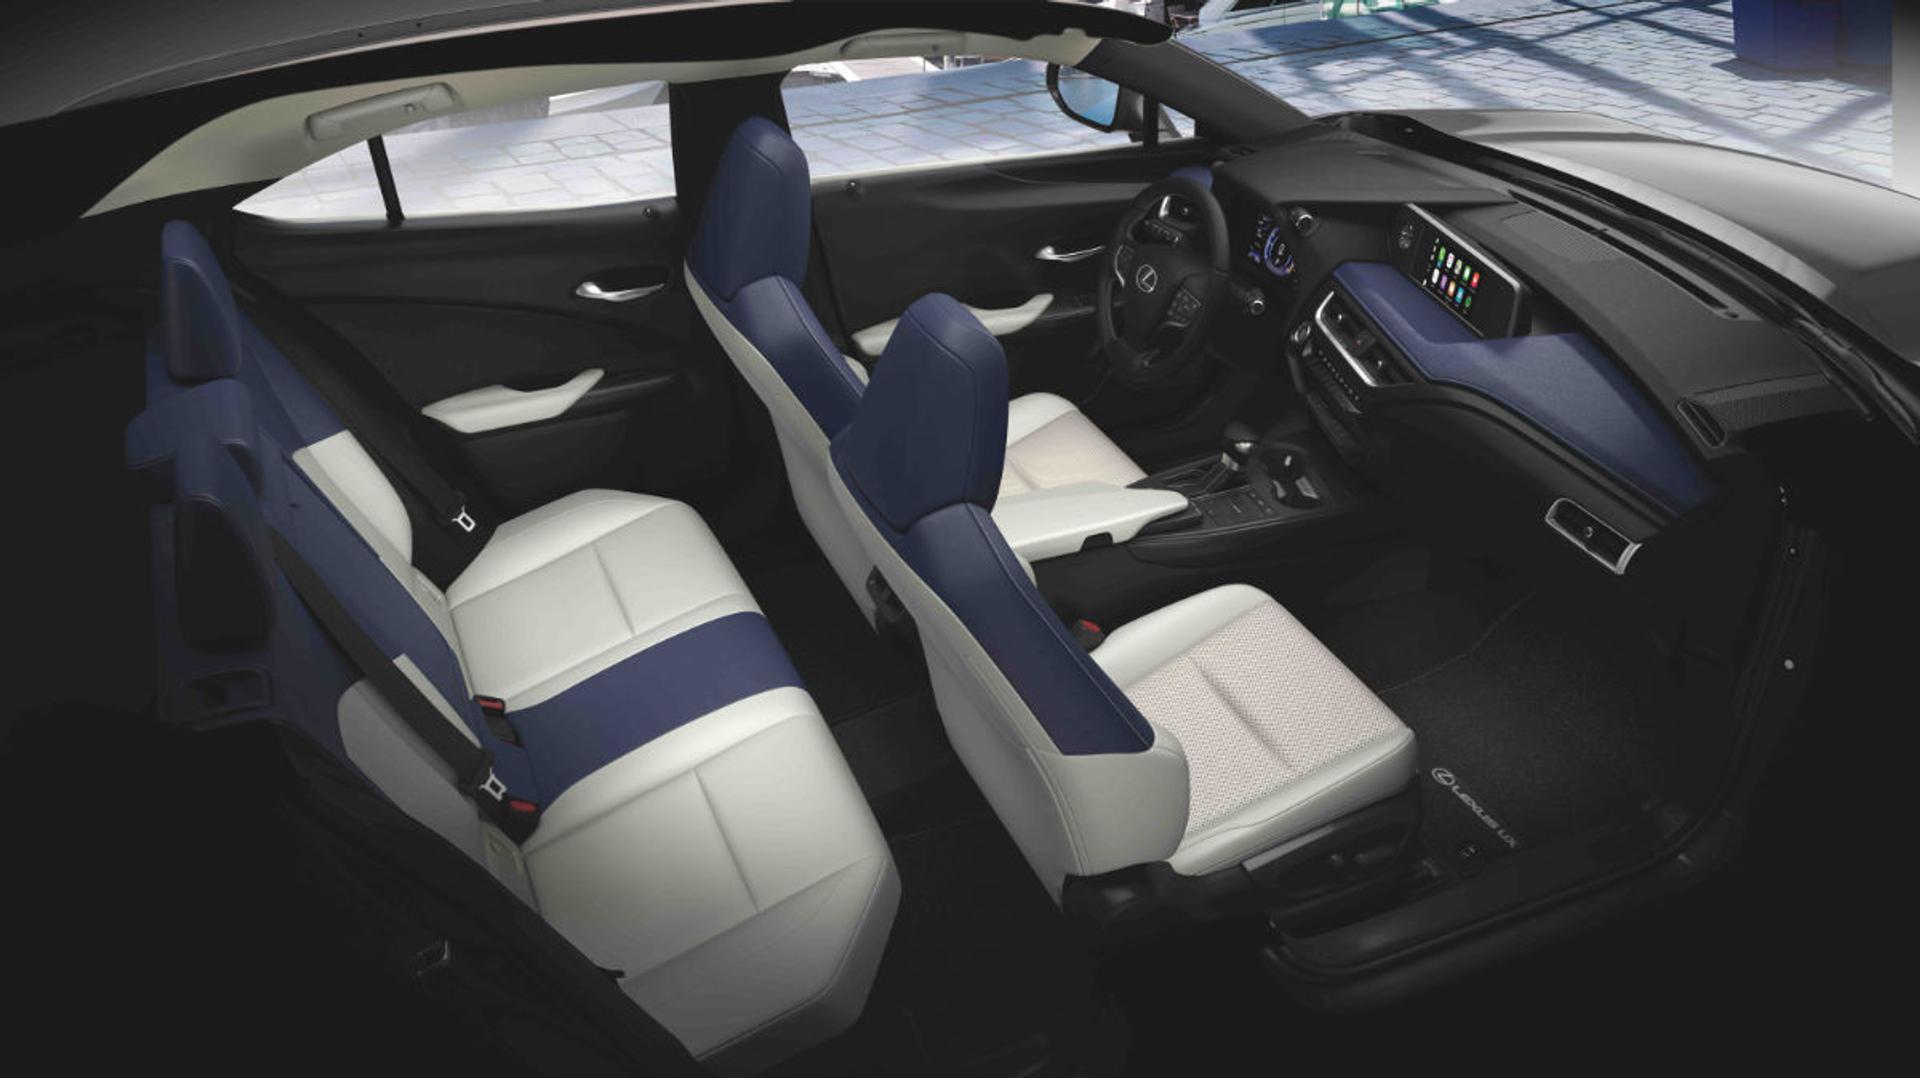 Lexus UX seating layout